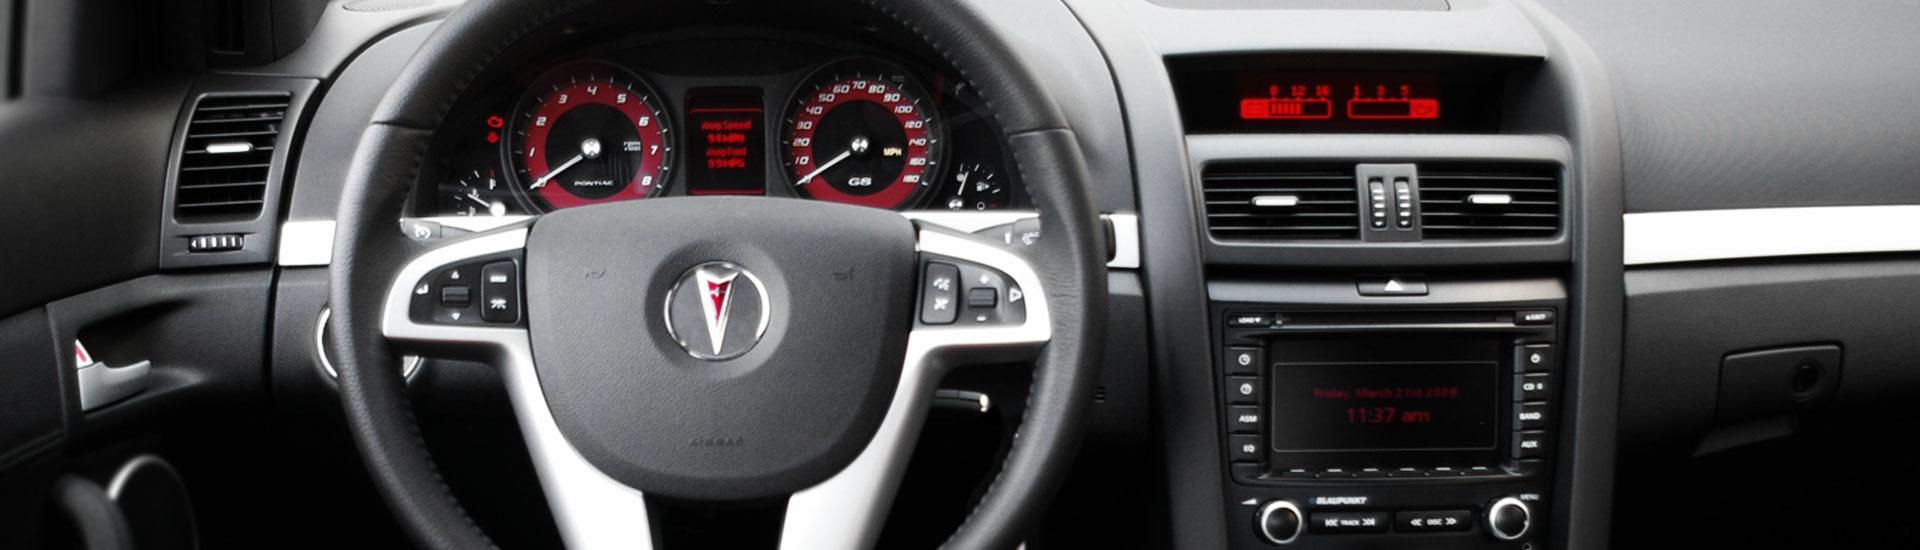 Pontiac G8 Dash Kits Custom Pontiac G8 Dash Kit